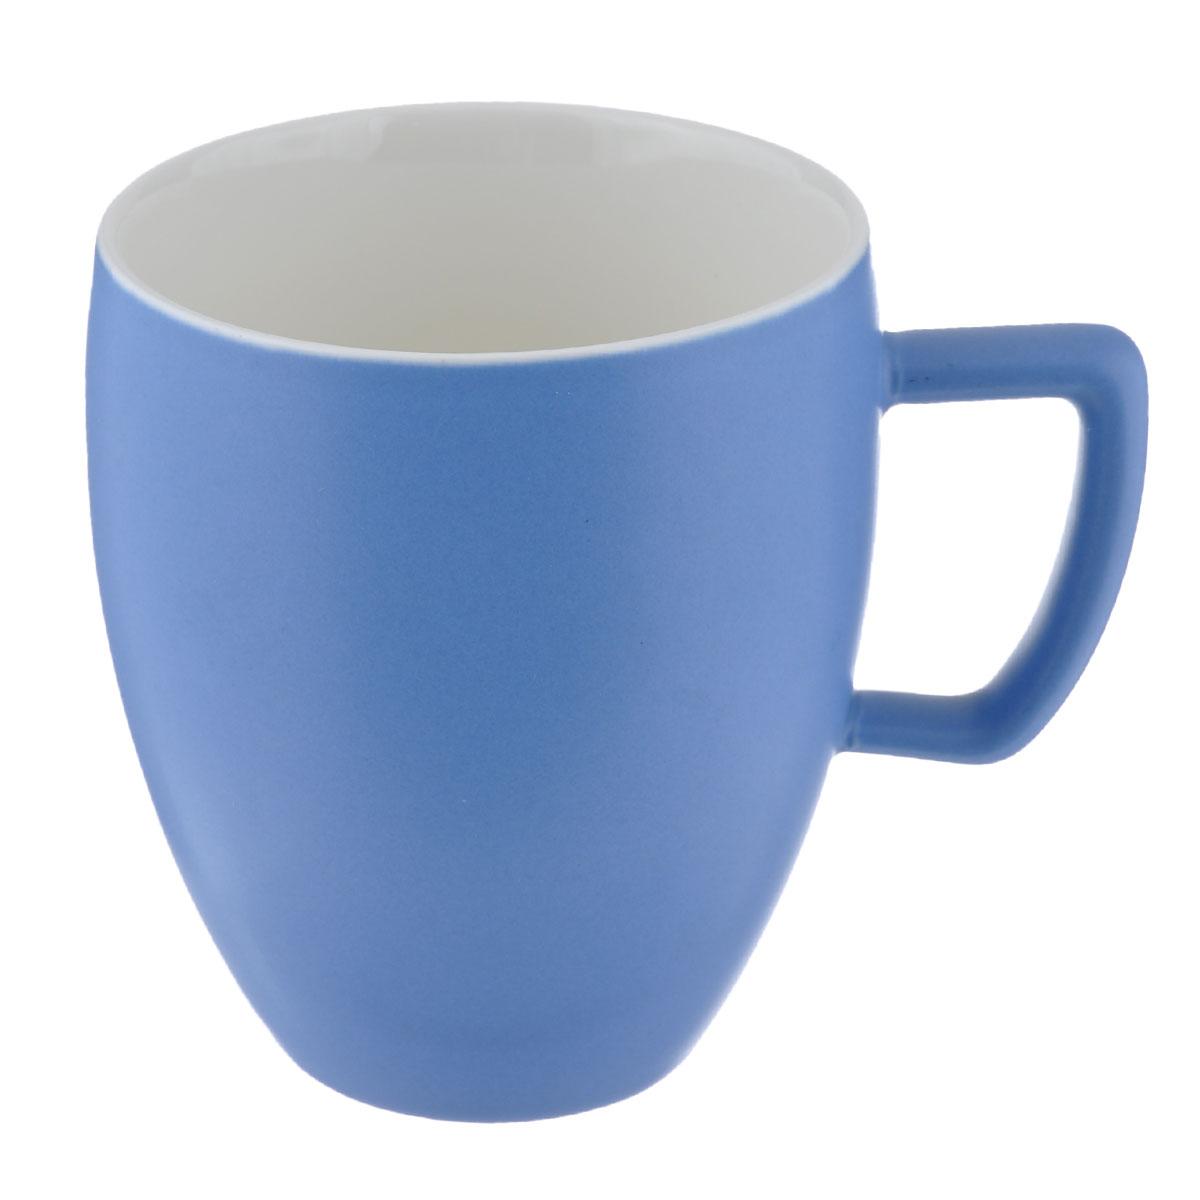 Кружка Tescoma Crema Tone, цвет: голубой, 300 мл387146Кружка Tescoma Crema Tone, изготовленная из высококачественного фарфора, прекрасно дополнит интерьер вашей кухни. Изящный дизайн кружки придется по вкусу и ценителям классики, и тем, кто предпочитает утонченность и изысканность. Кружка Tescoma Crema Tone станет хорошим подарком к любому празднику. Диаметр (по верхнему краю): 8 см. Высота: 10 см.